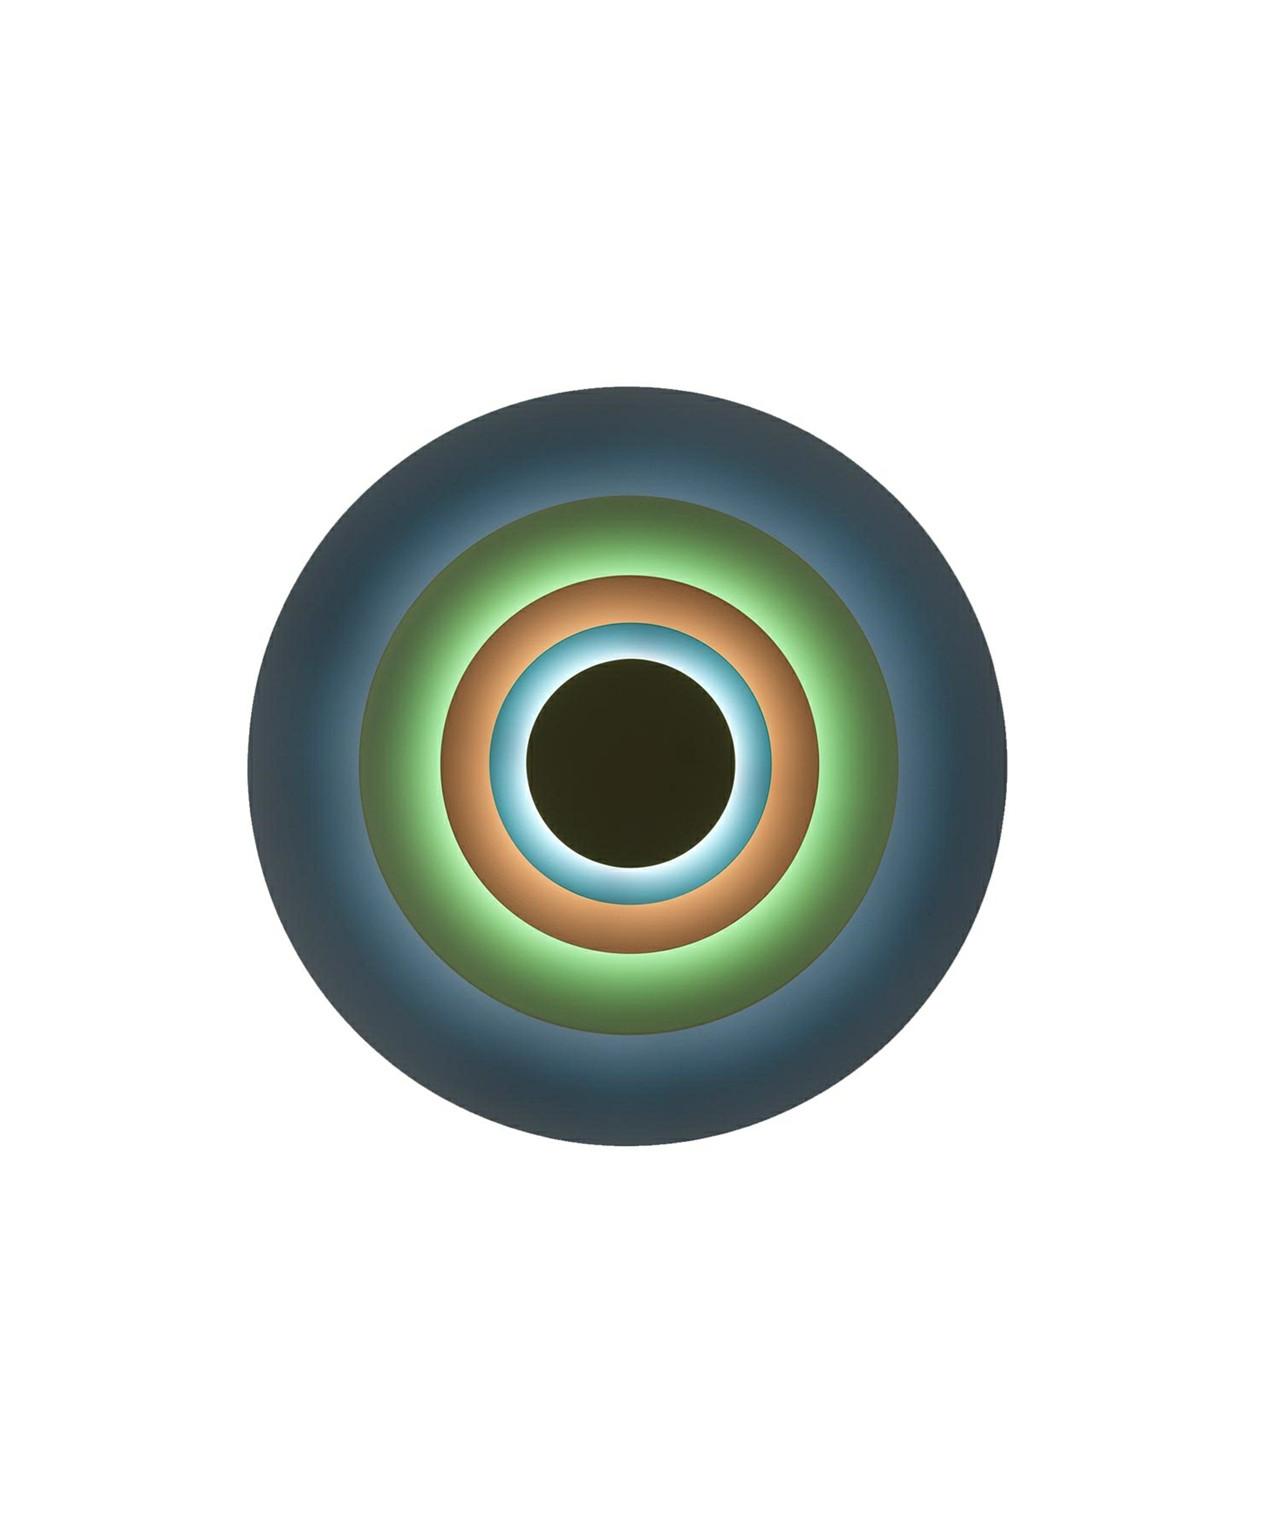 Concentric M Væglampe Minor - Marset